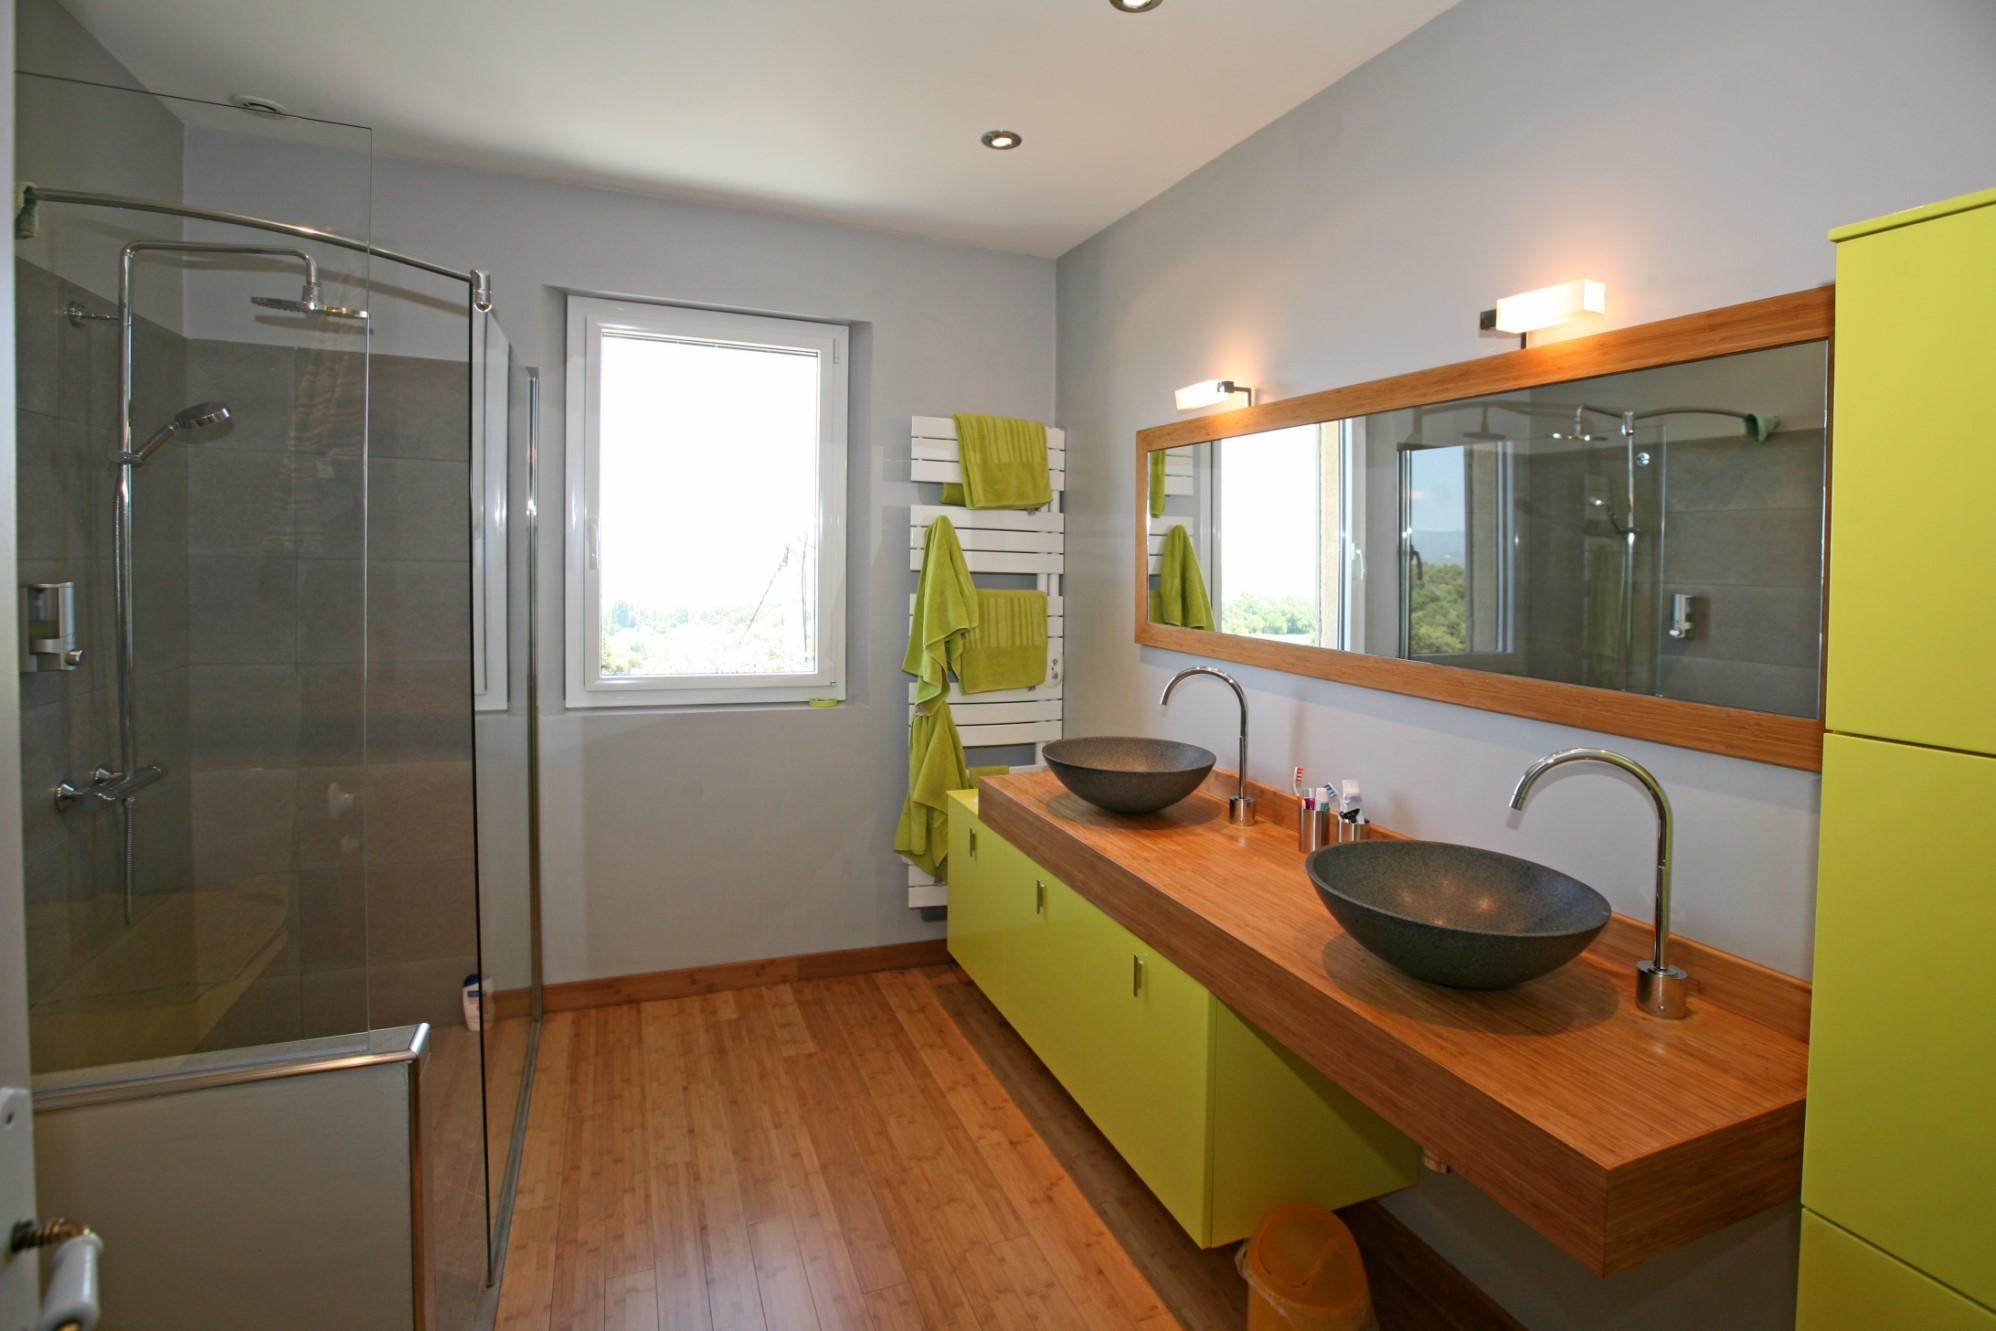 Propriété avec chambres d'hôtes en vente en Luberon, avec vues sublimes